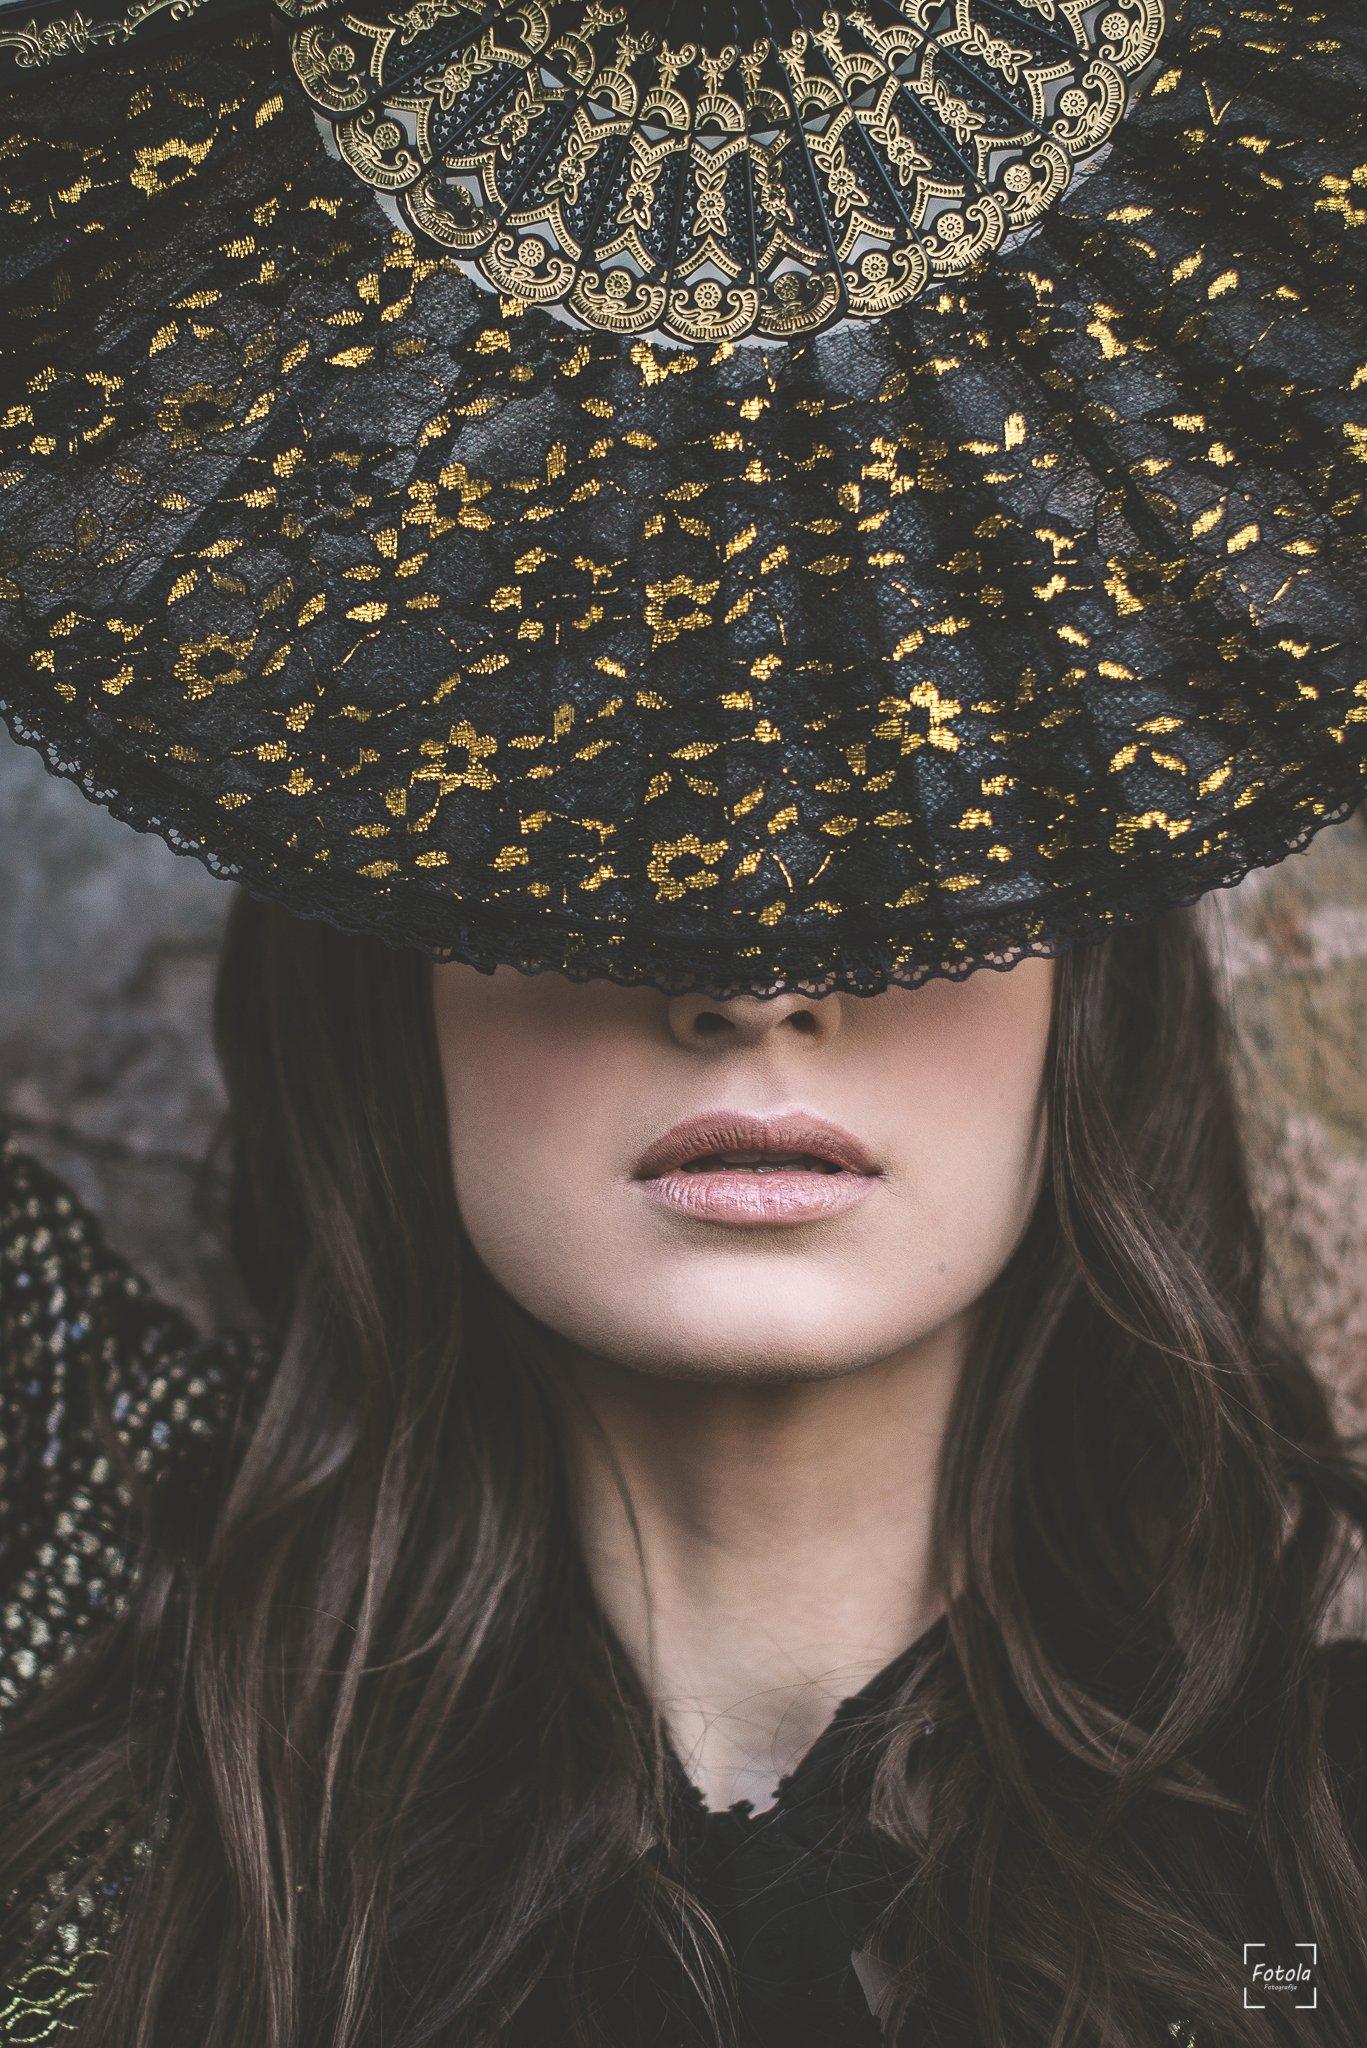 female, outdoors, portrait, fashion, people, portraiture, face, Laura Žygė